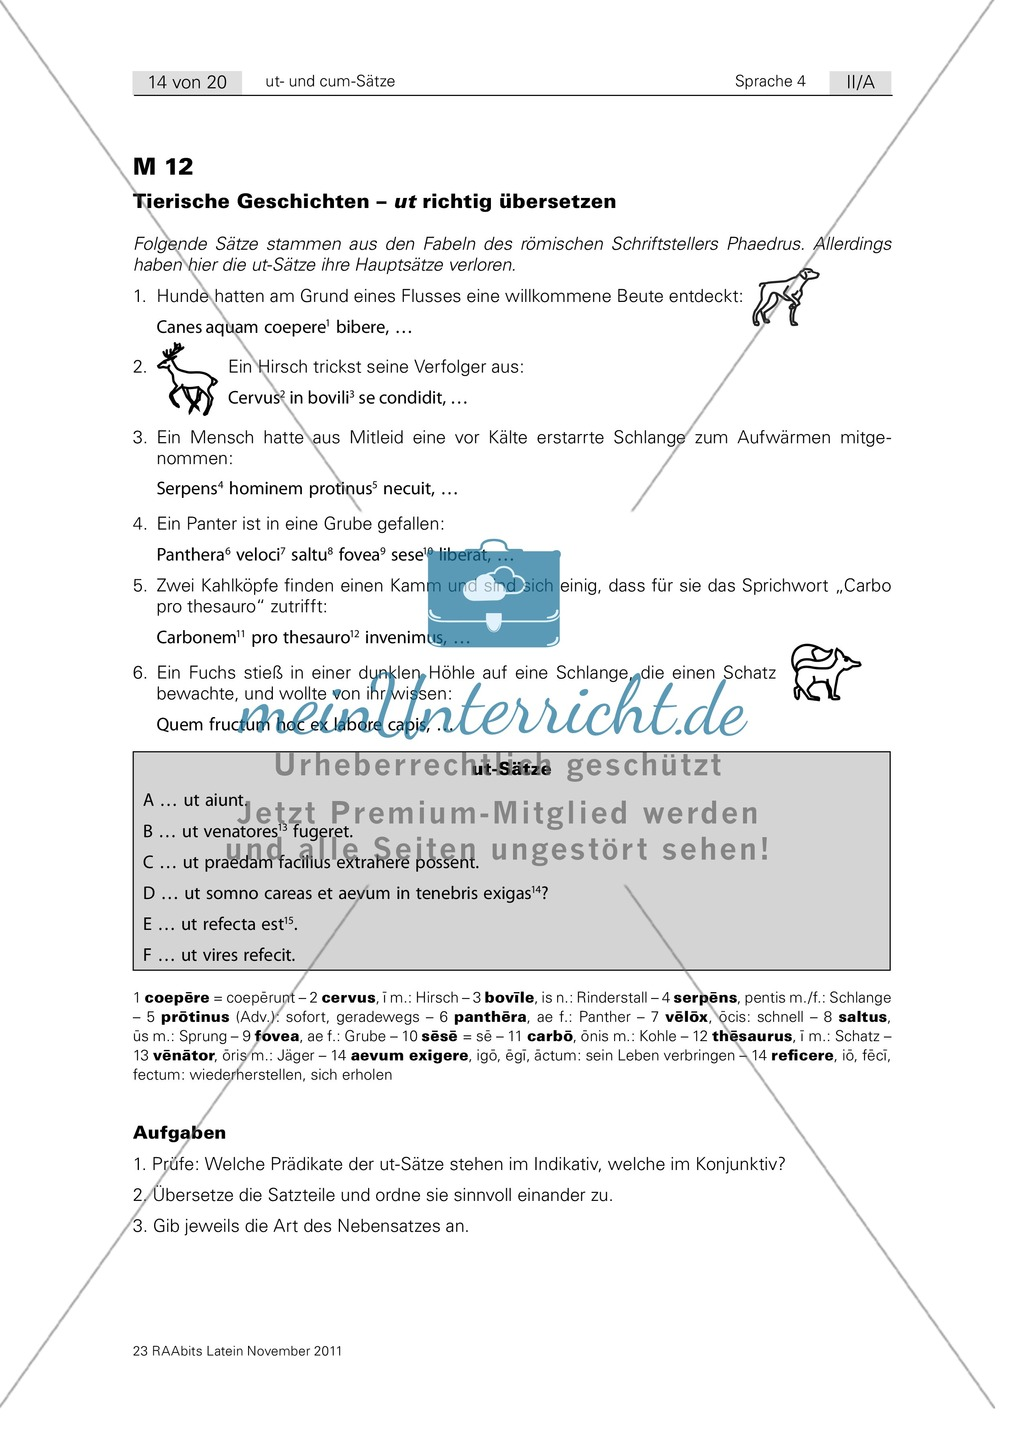 cum und ut richtig übersetzen: Übersetzungsübungen und Satzpuzzle ...